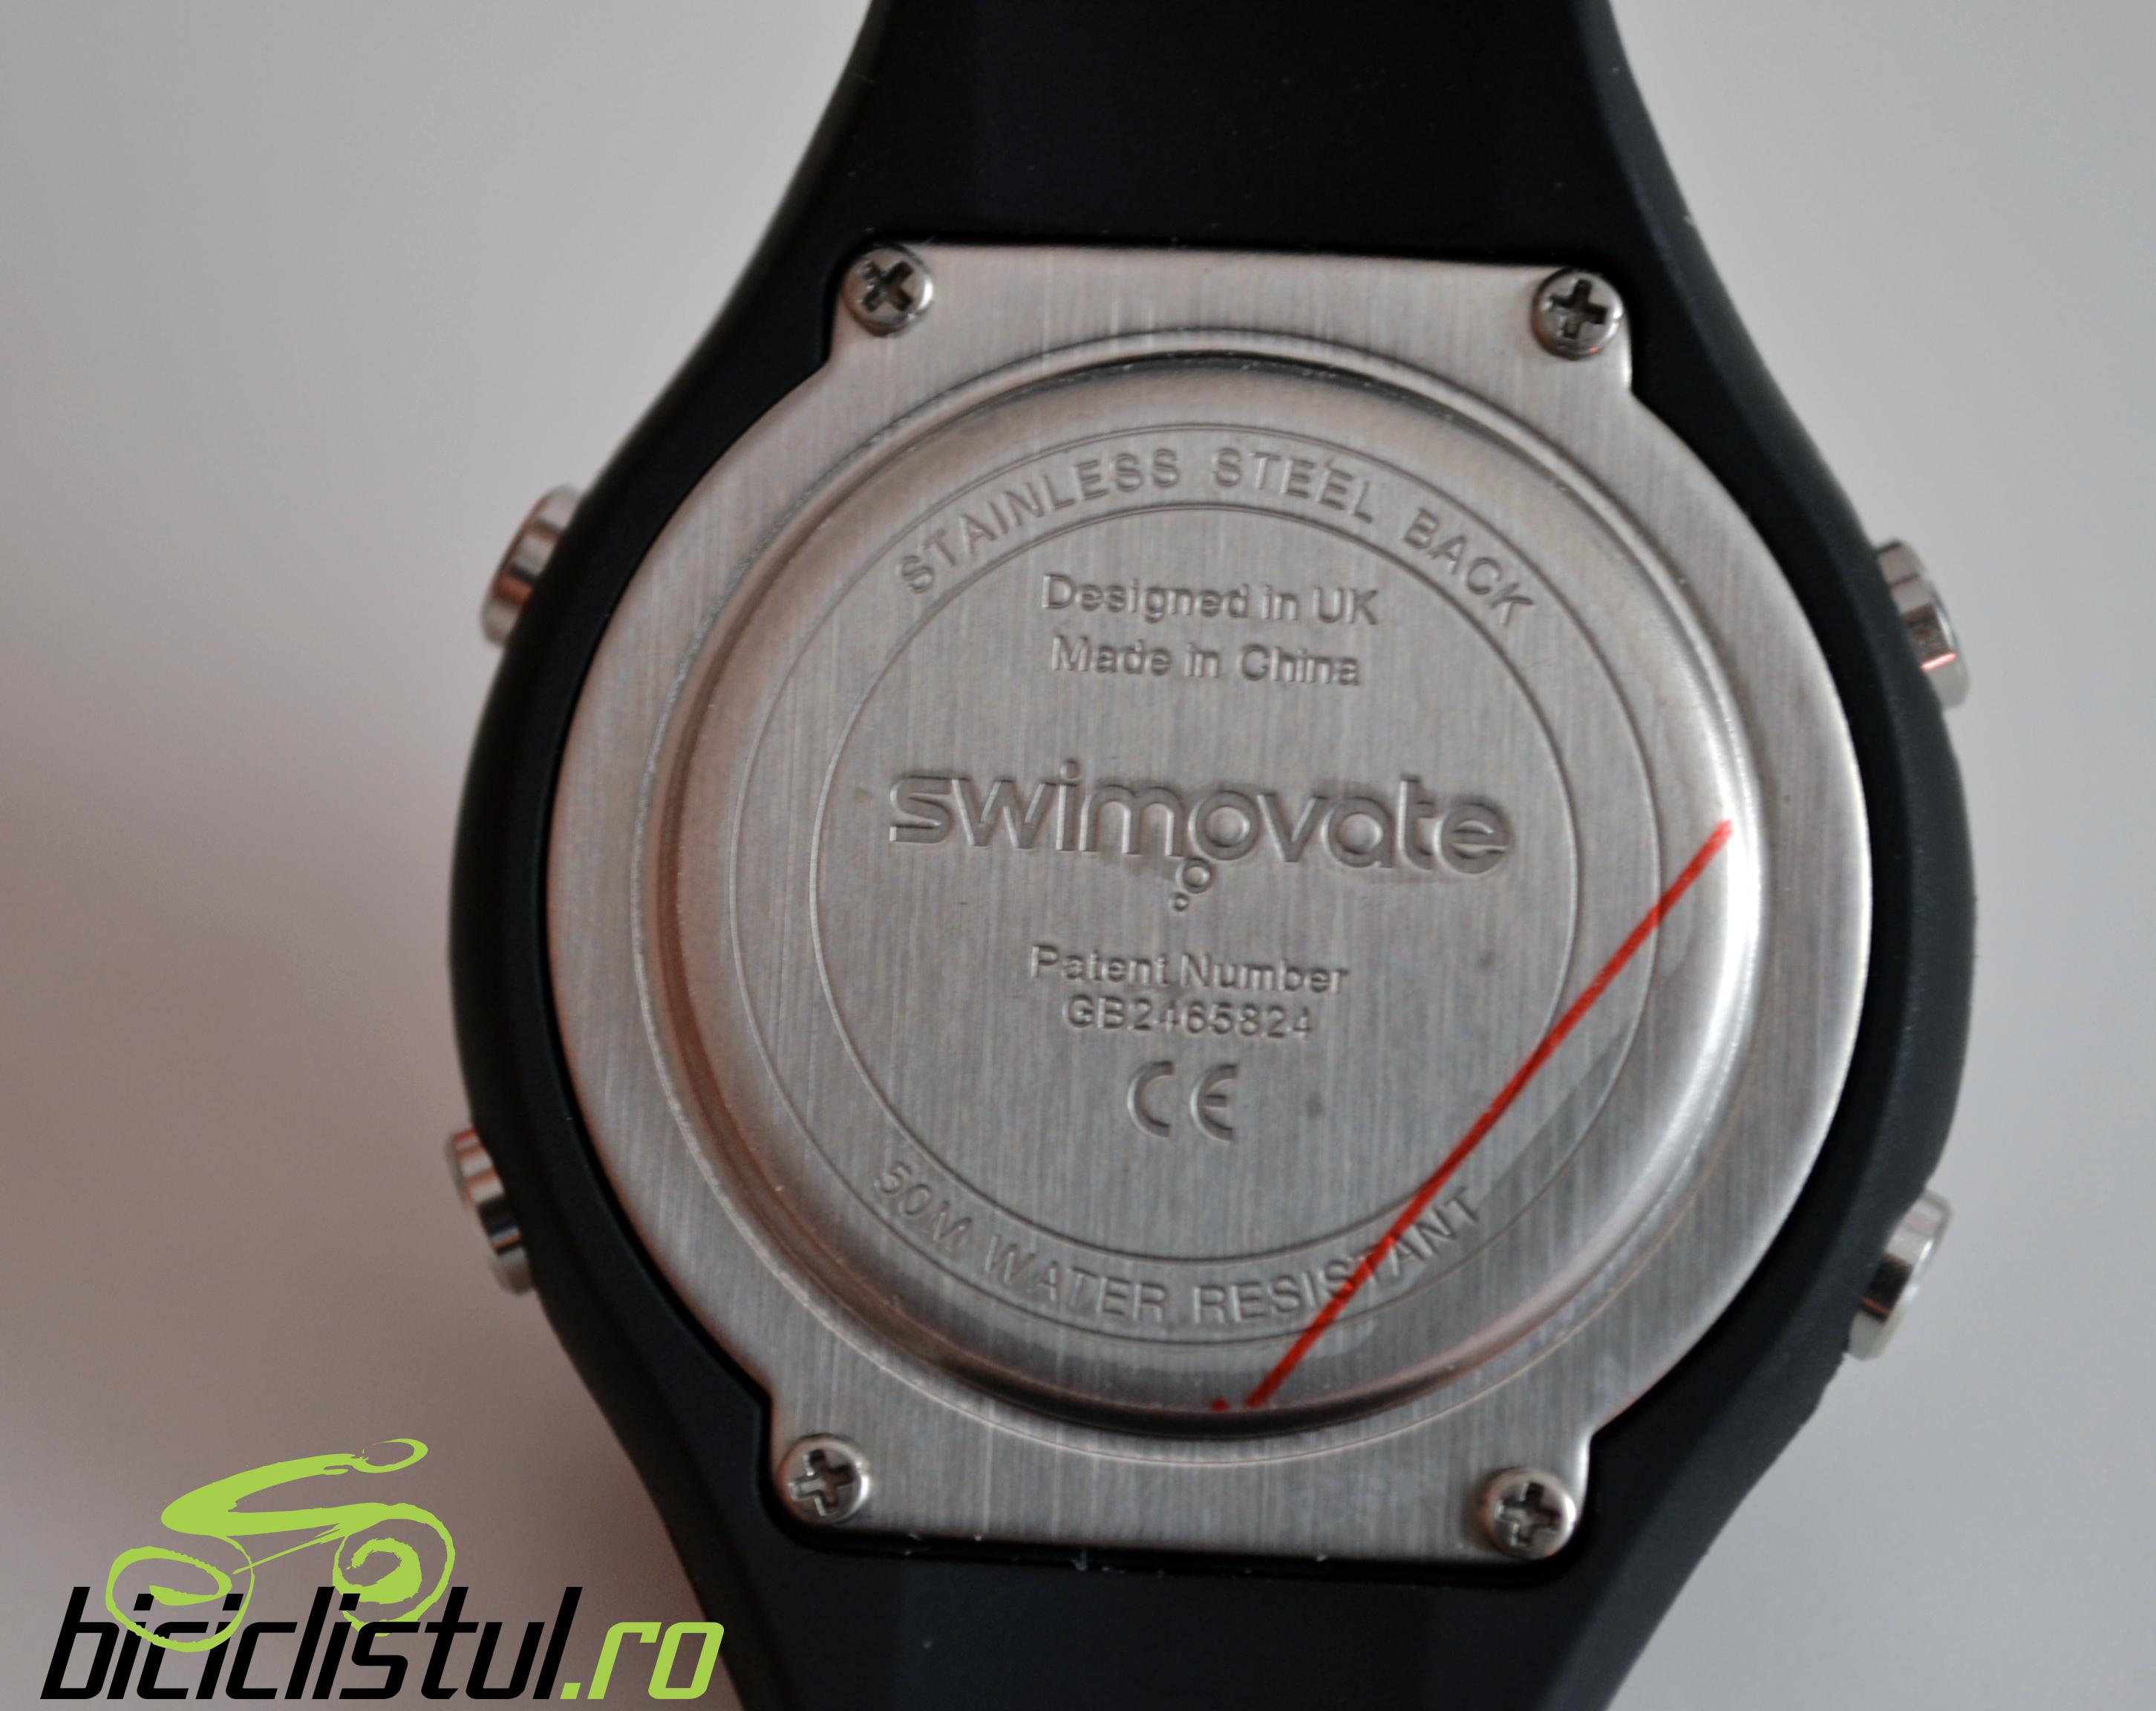 Swimovate Pool-Mate Pro - vedere spate